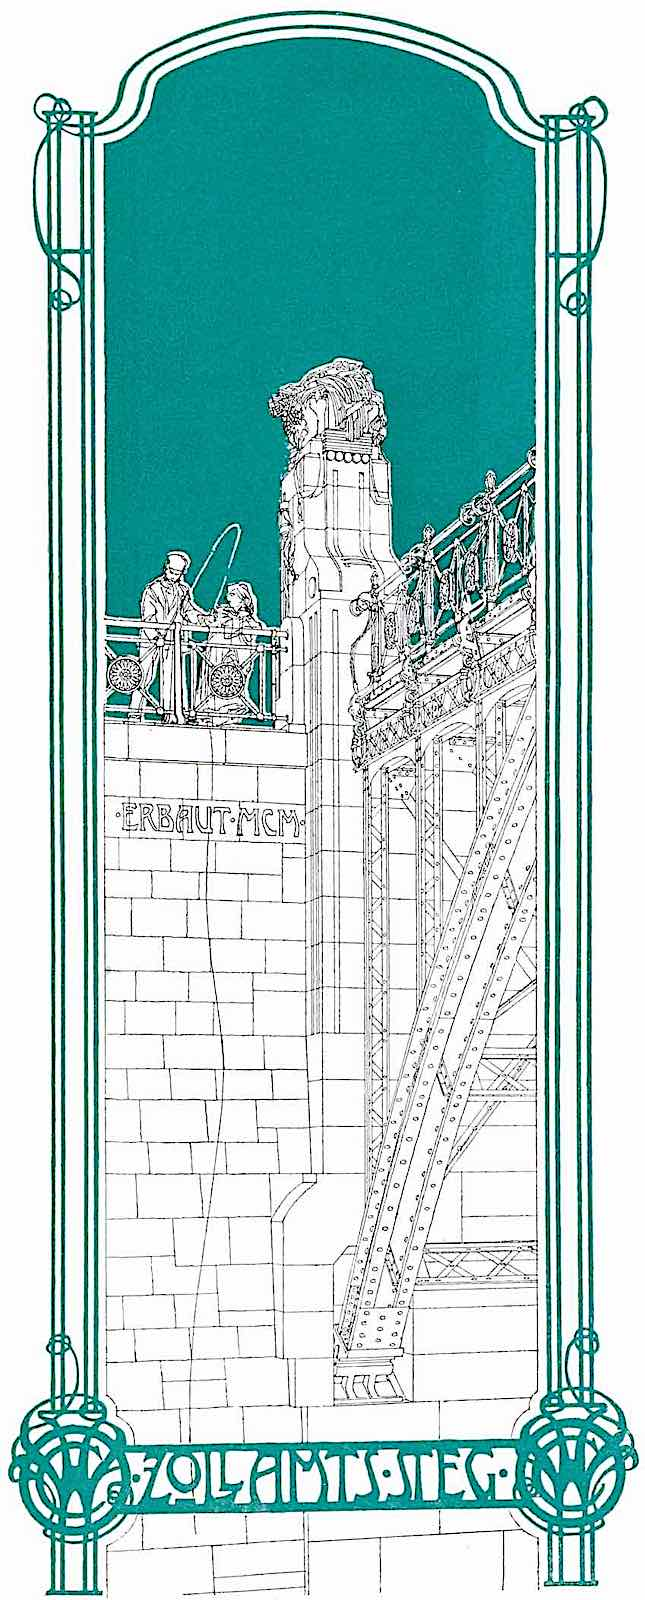 Zollamts Steg 1900 in color